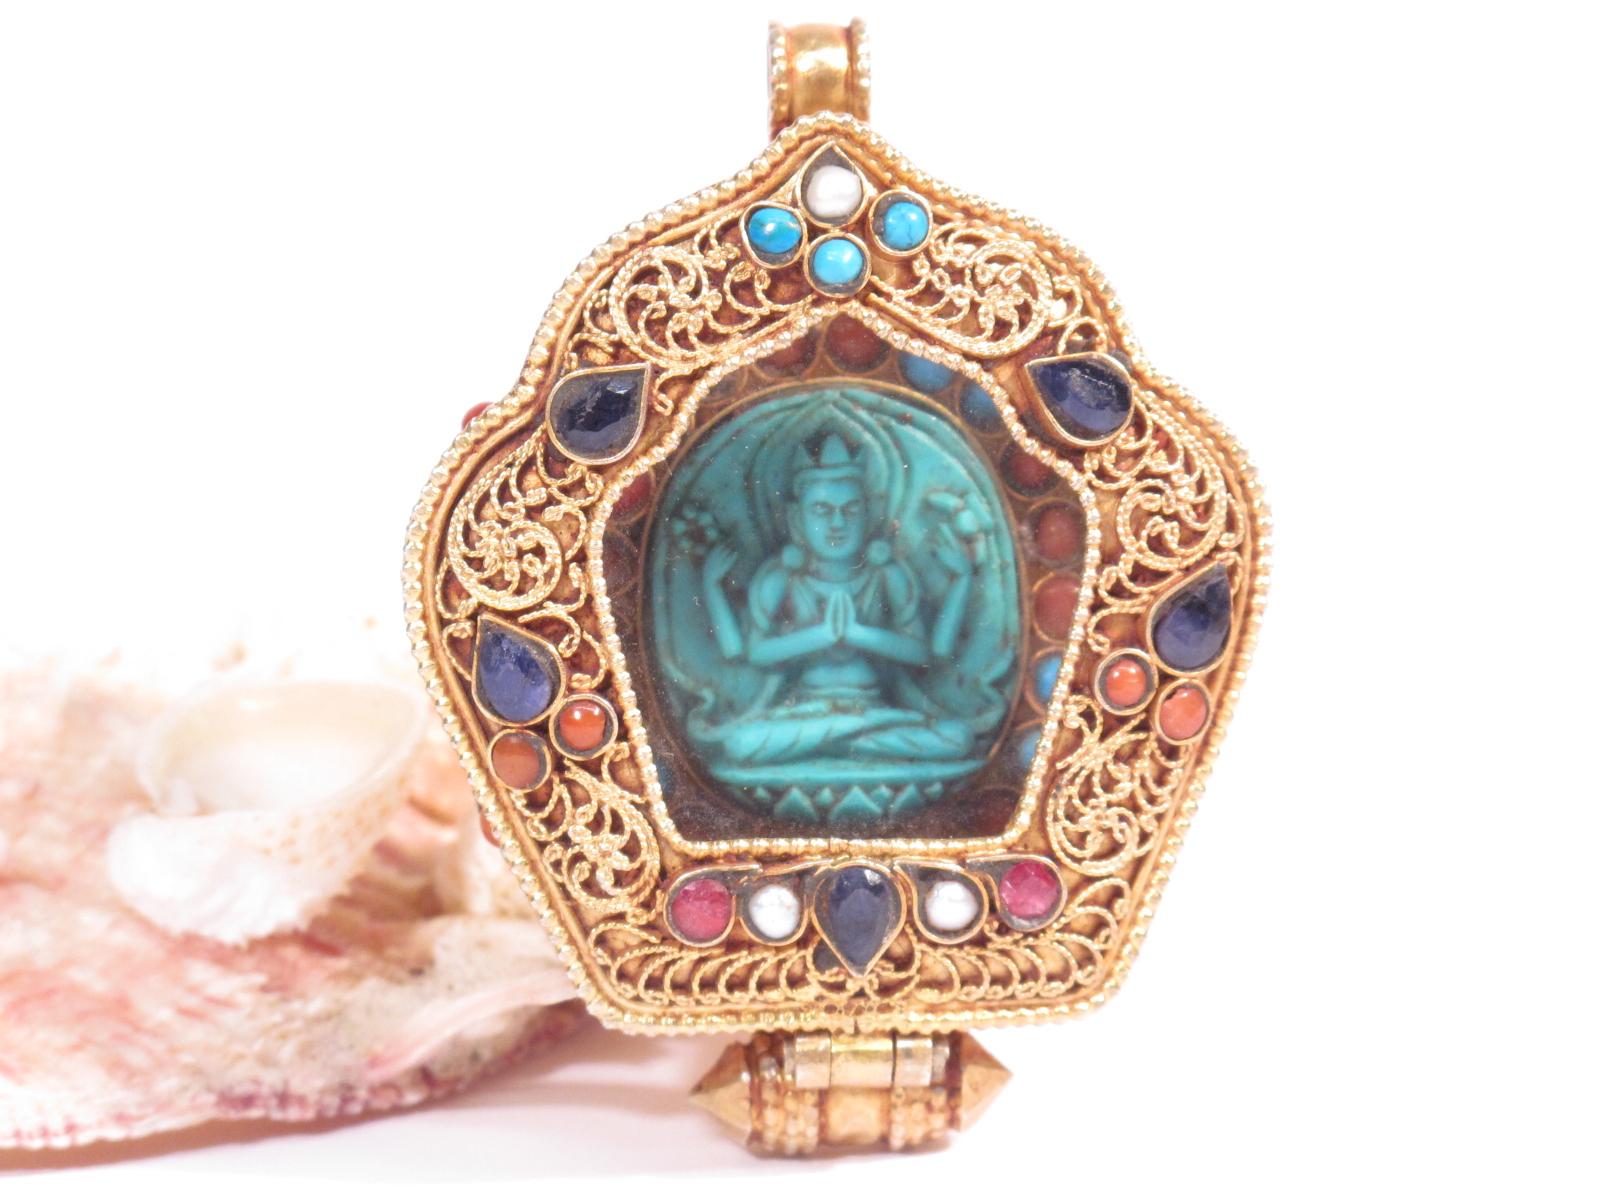 ghau tibetano in argento dorato e gemme semipreziose